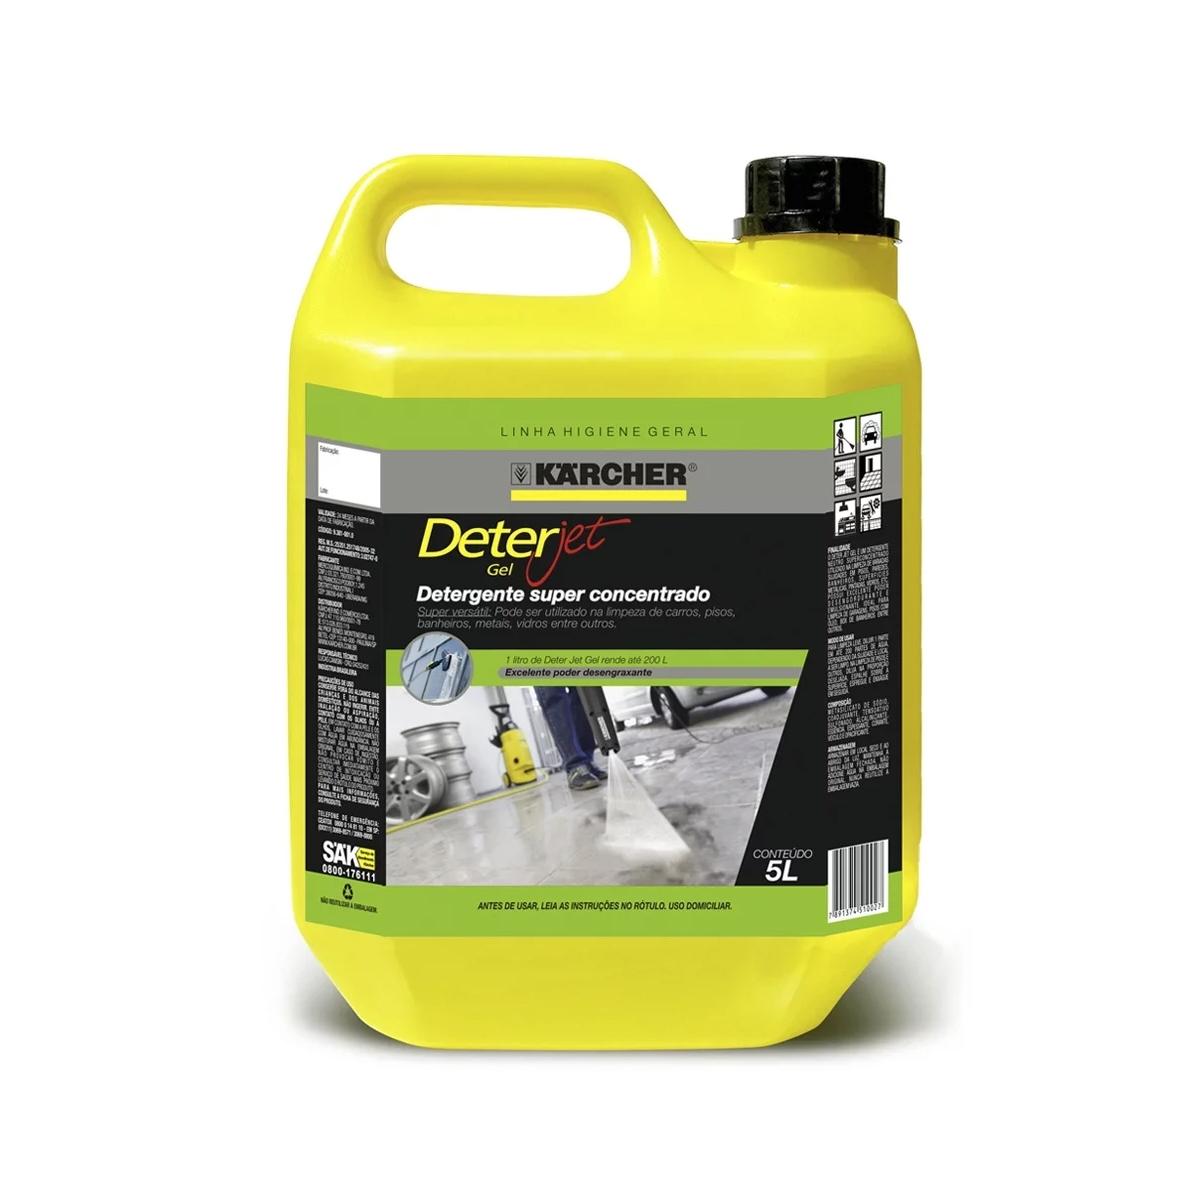 Detergente Super Concentrado Deterjet Karcher - 5l